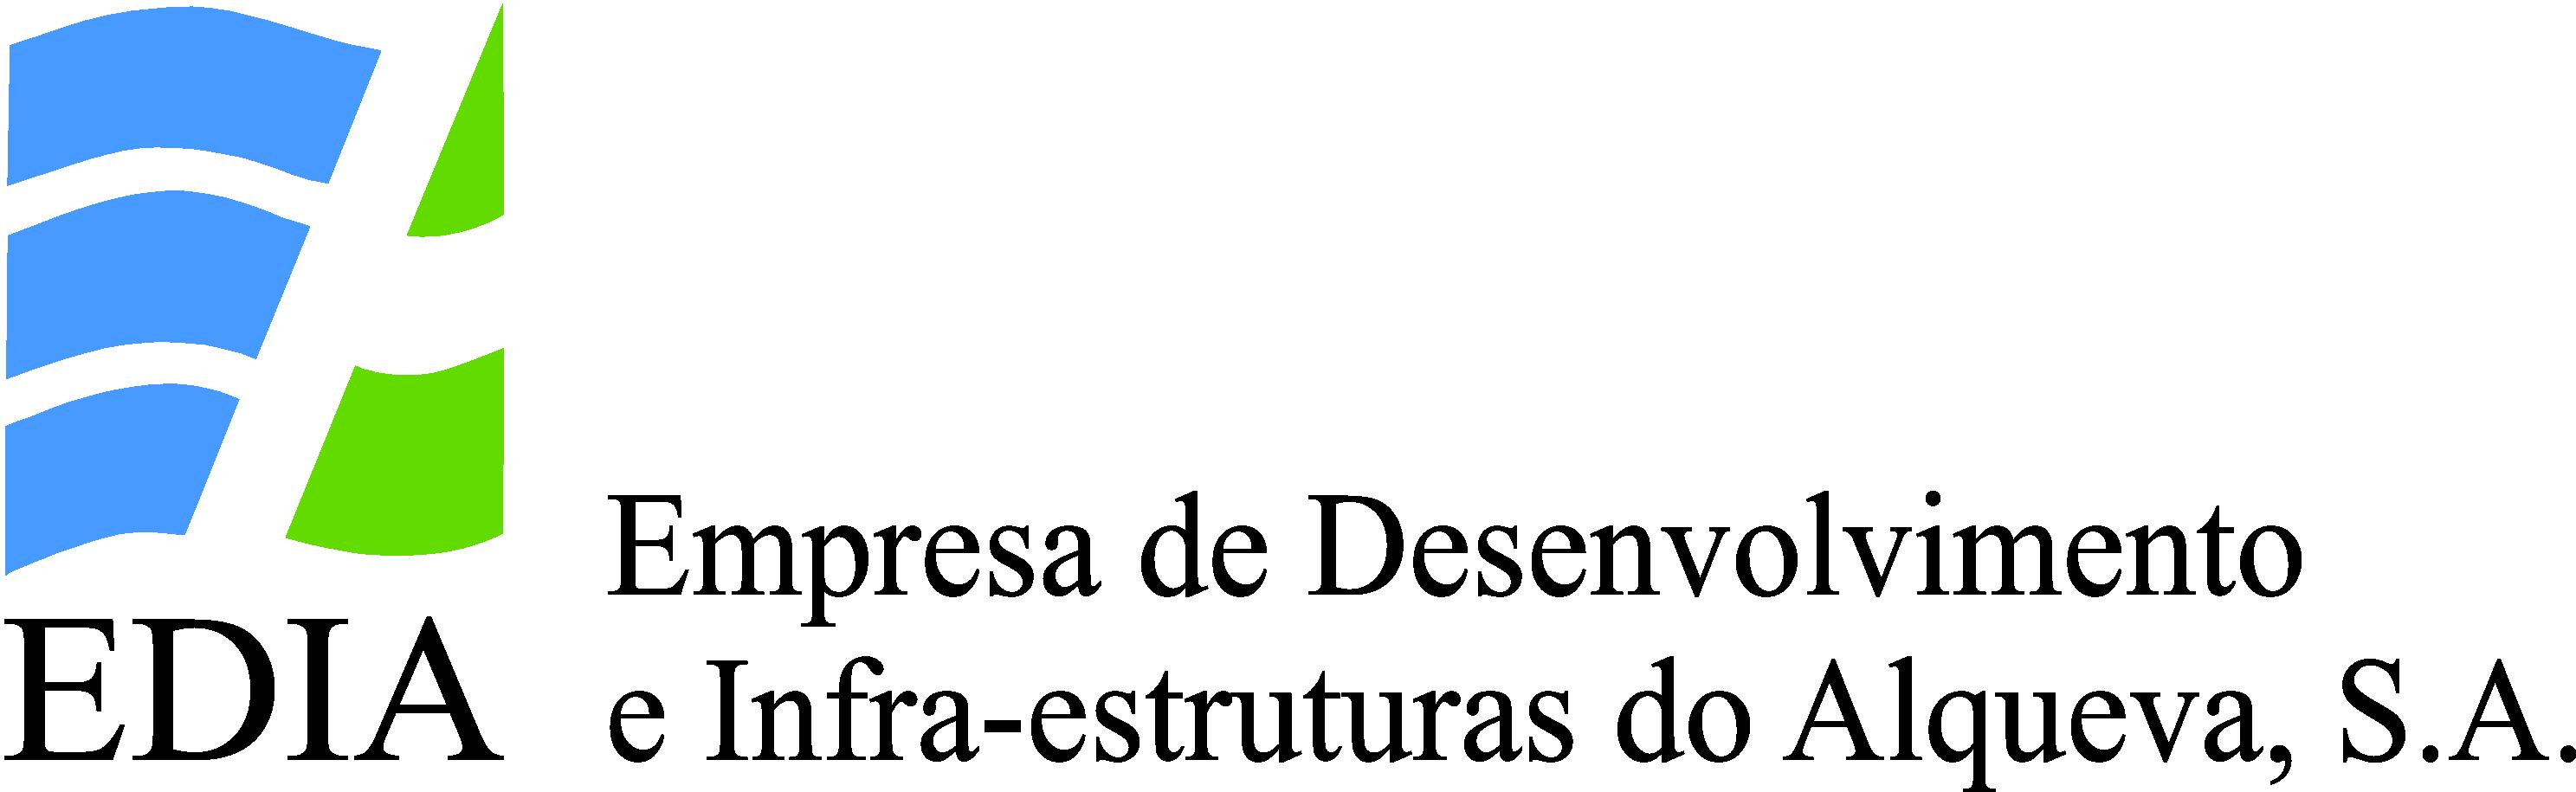 Logotipo EDIA - Empresa de Desenvolvimento e Infraestruturas do Alqueva, S.A. - ePortugal.gov.pt